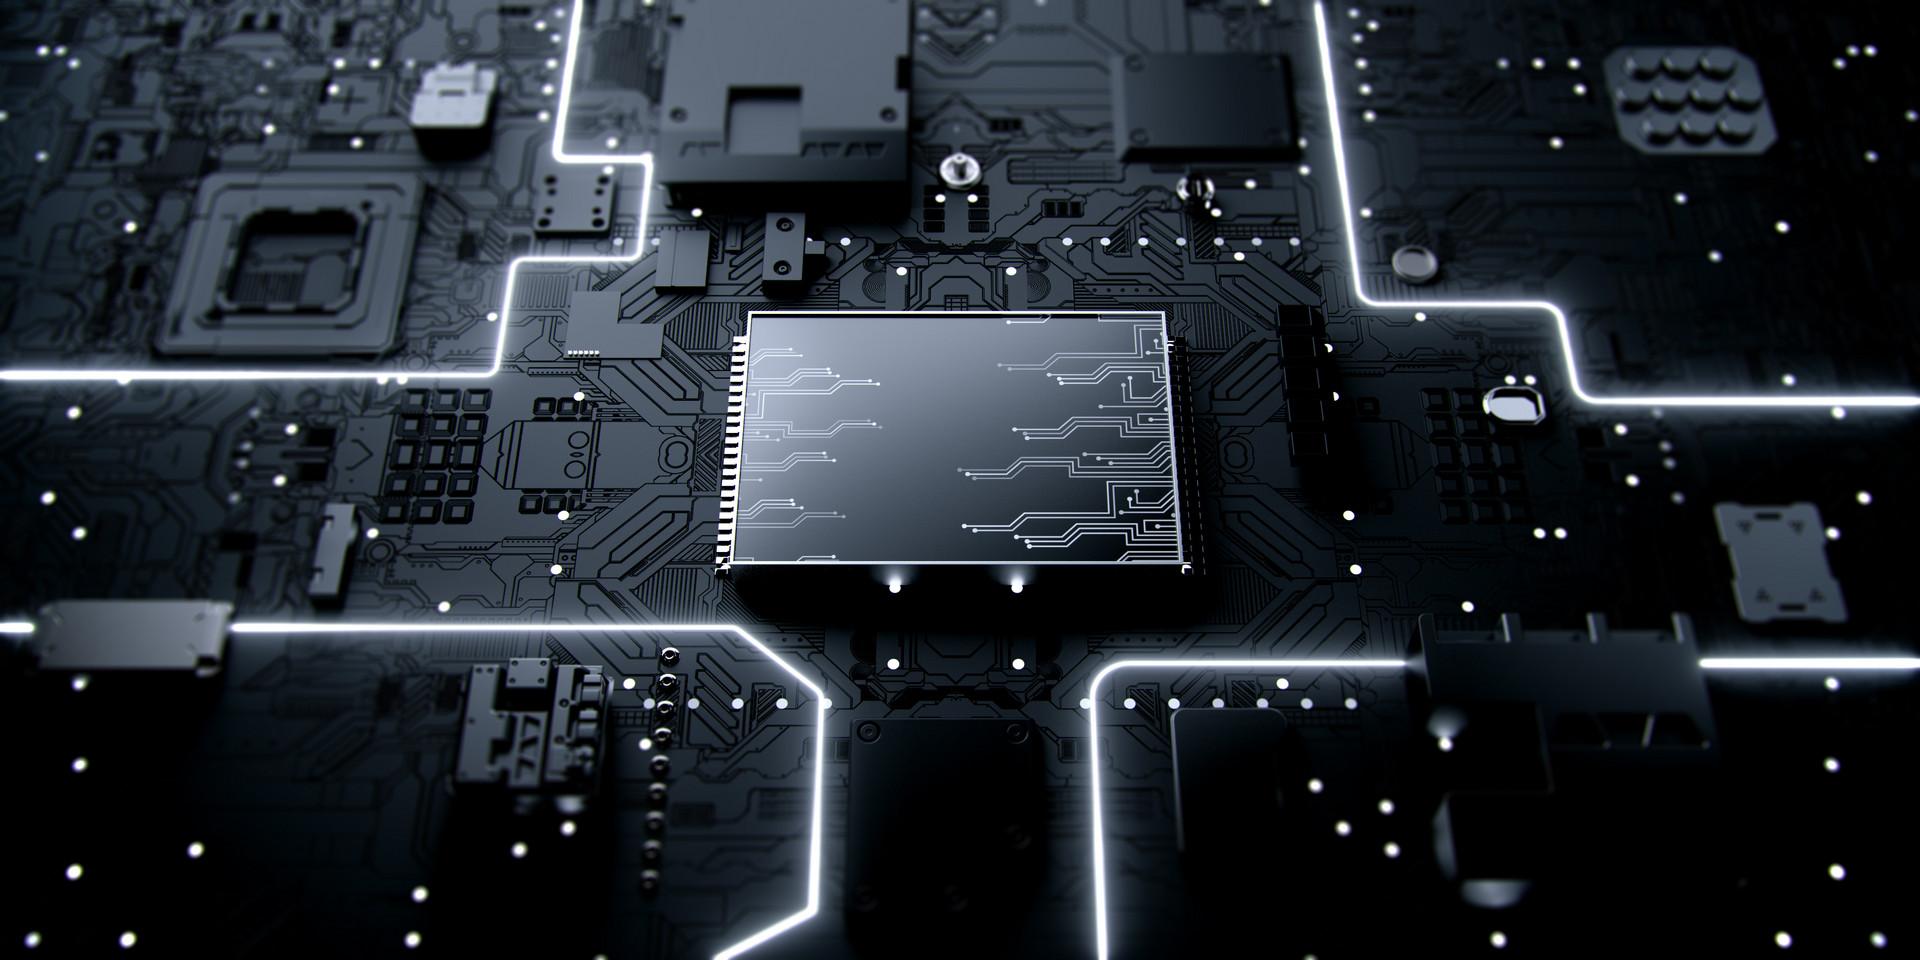 泰科电子收购MEMS压力传感器制造商Silicon Microstructures